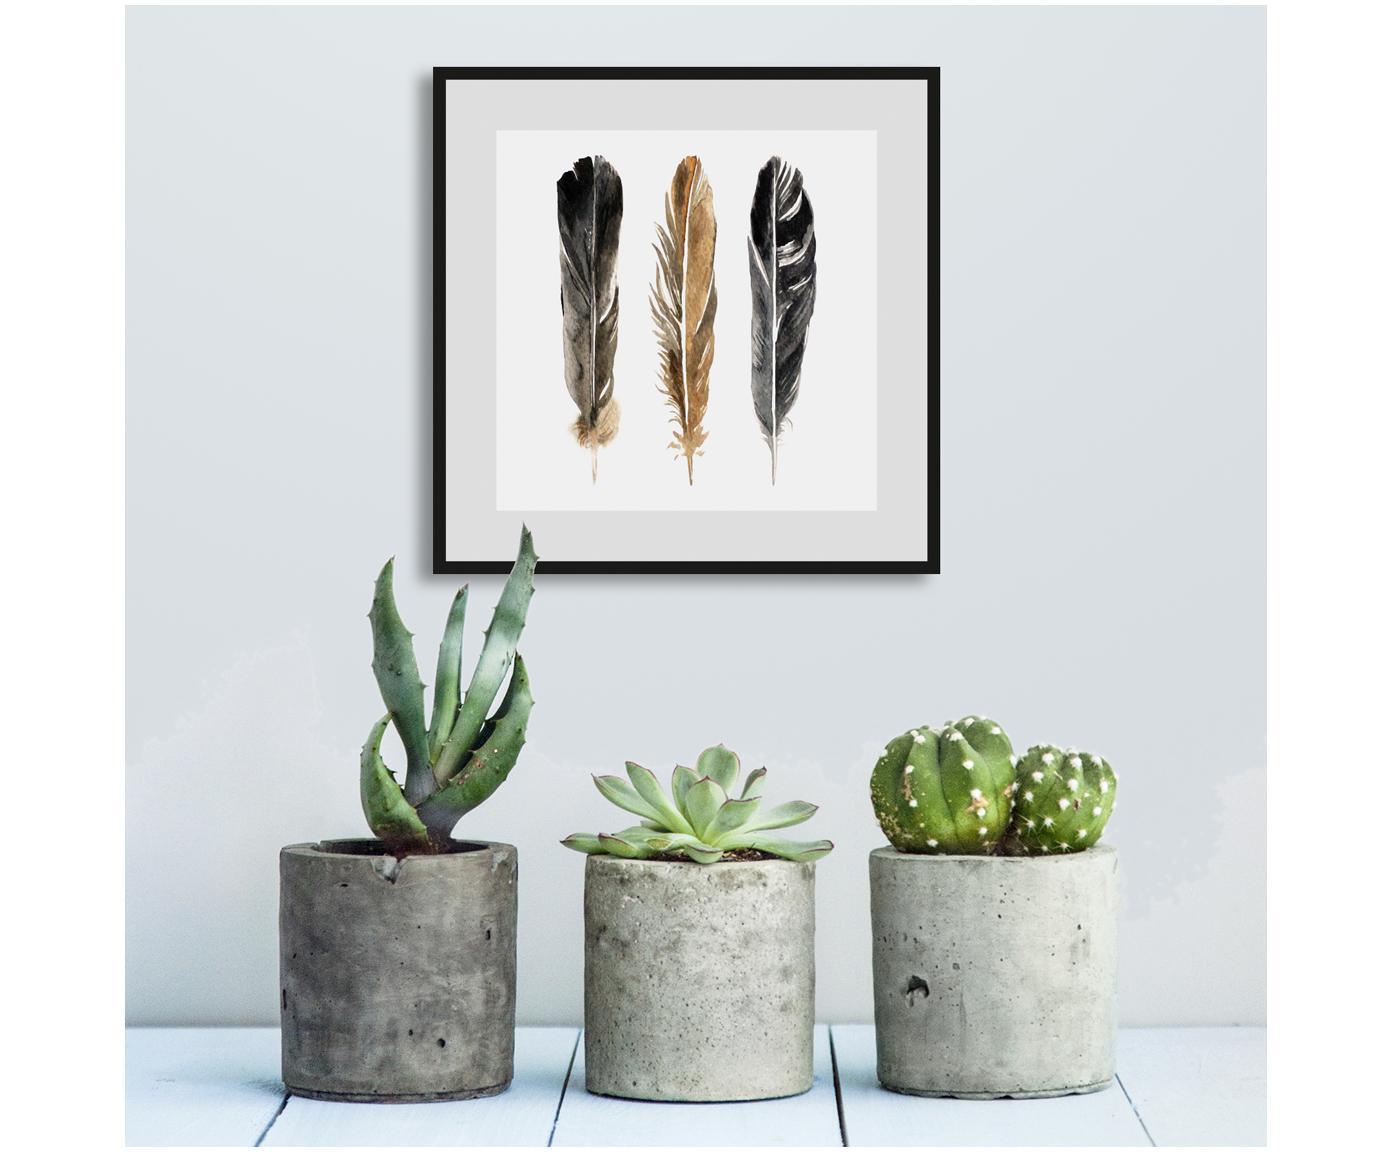 Gerahmter Digitaldruck Three Feathers, Bild: Digitaldruck, Rahmen: Metall, Front: Plexiglas, Weiß, Schwarz, Braun, 30 x 30 cm